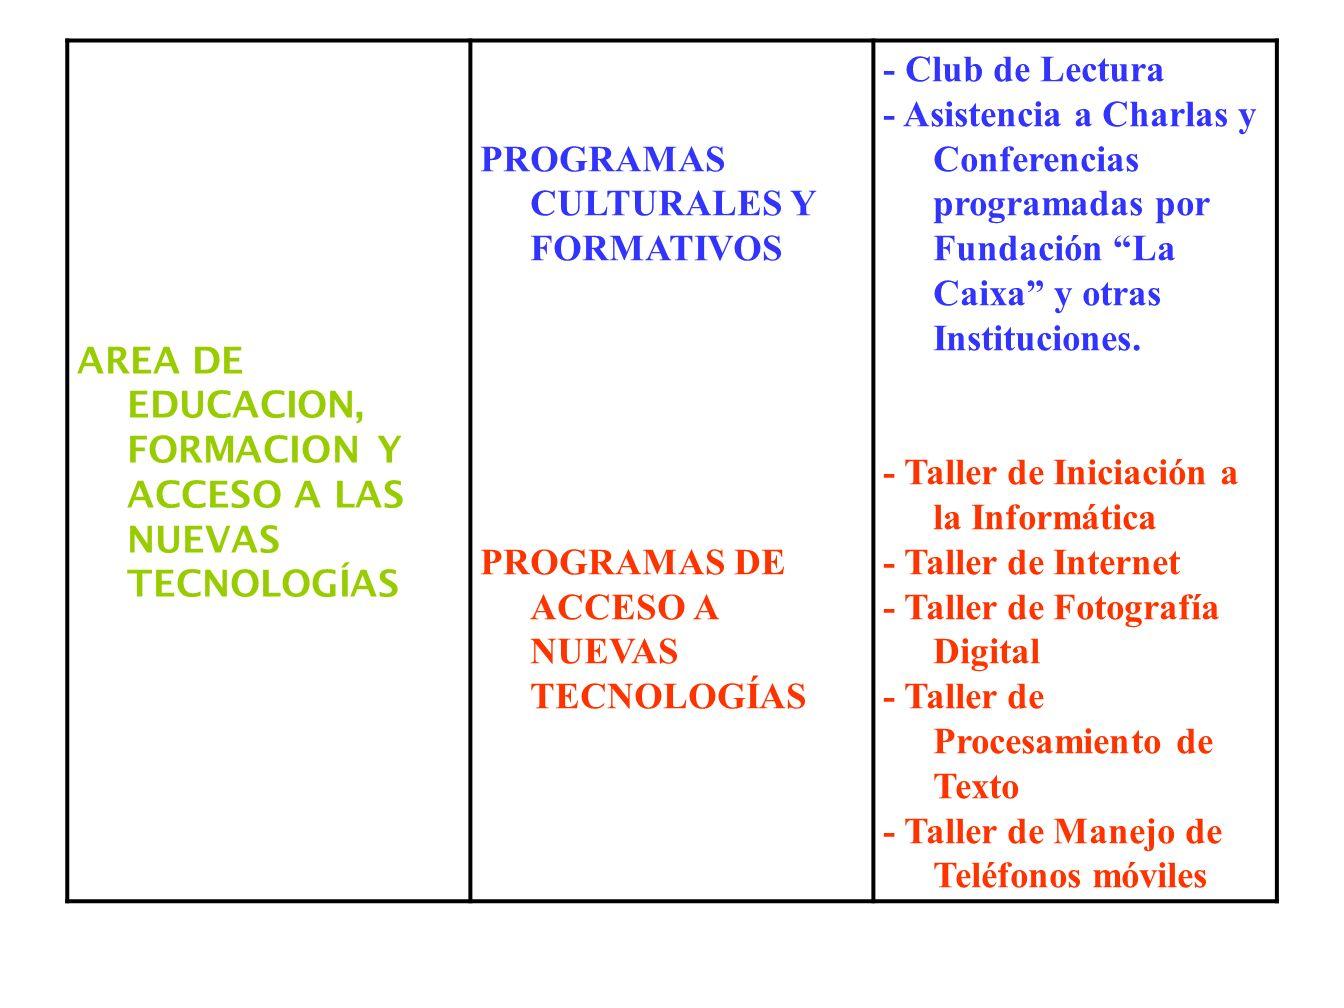 AREA DE EDUCACION, FORMACION Y ACCESO A LAS NUEVAS TECNOLOGÍAS